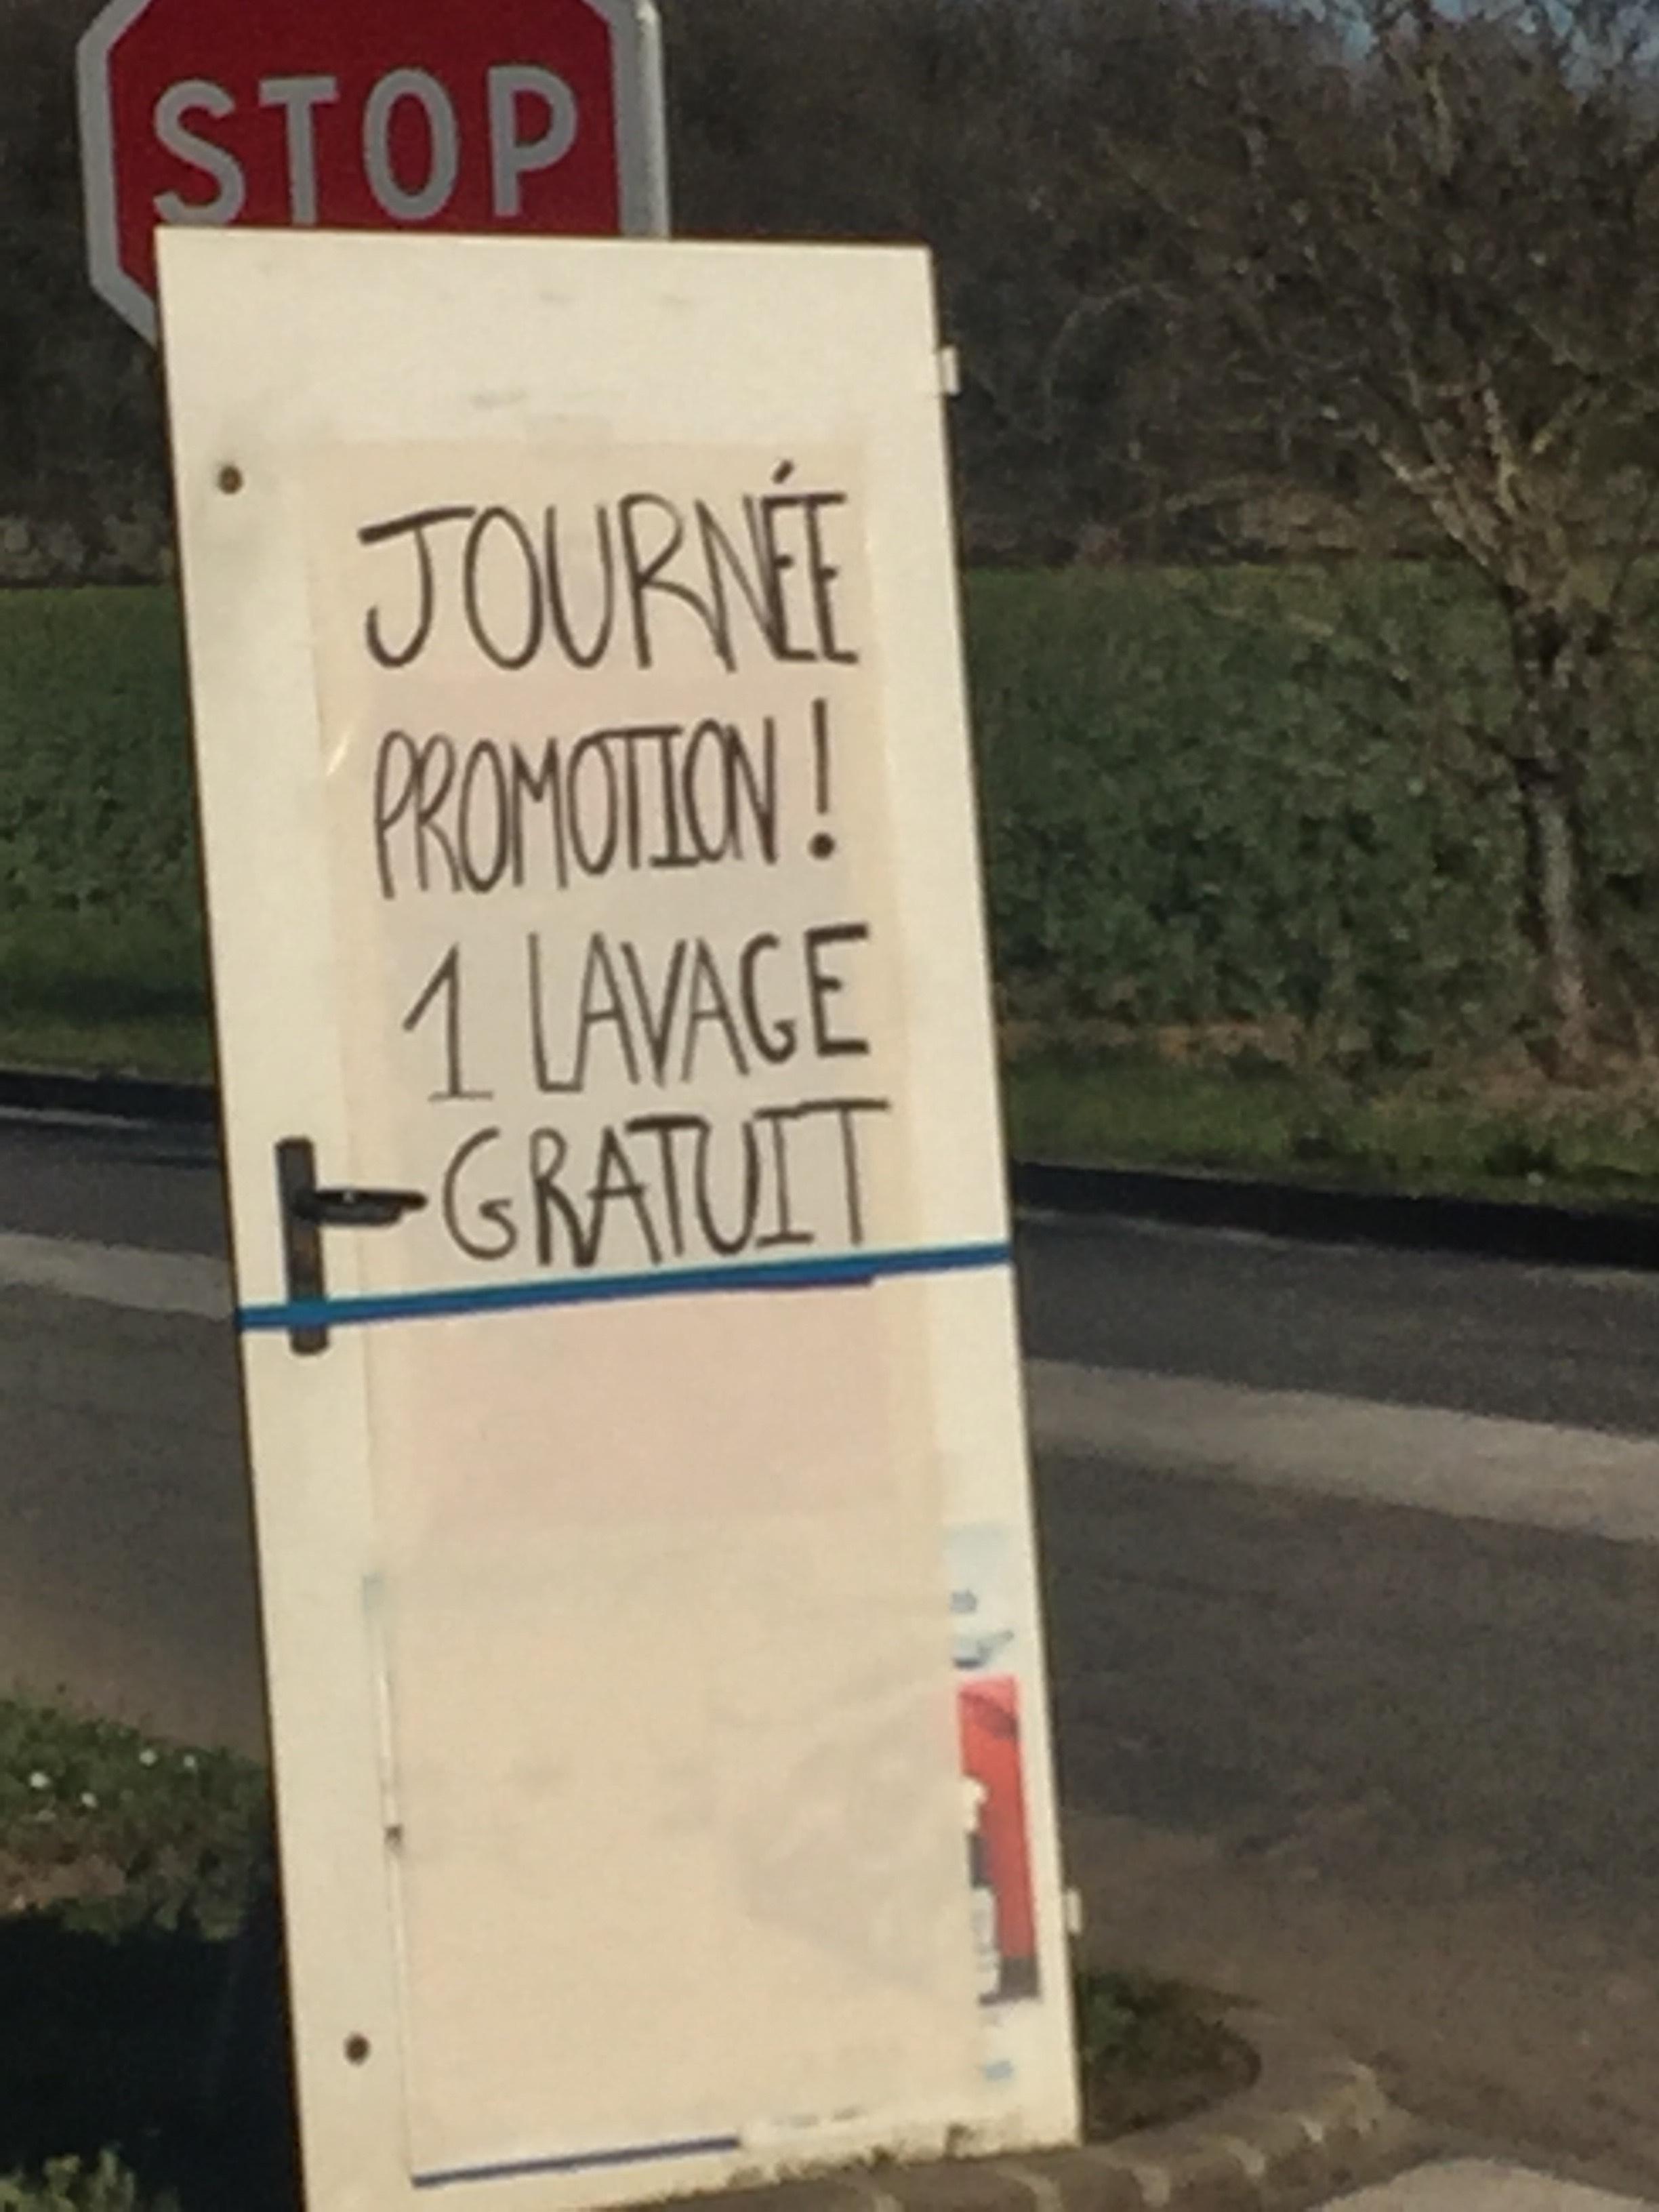 Lavage voiture gratuit - Vlc Lavage Villeneuve le comte (77)